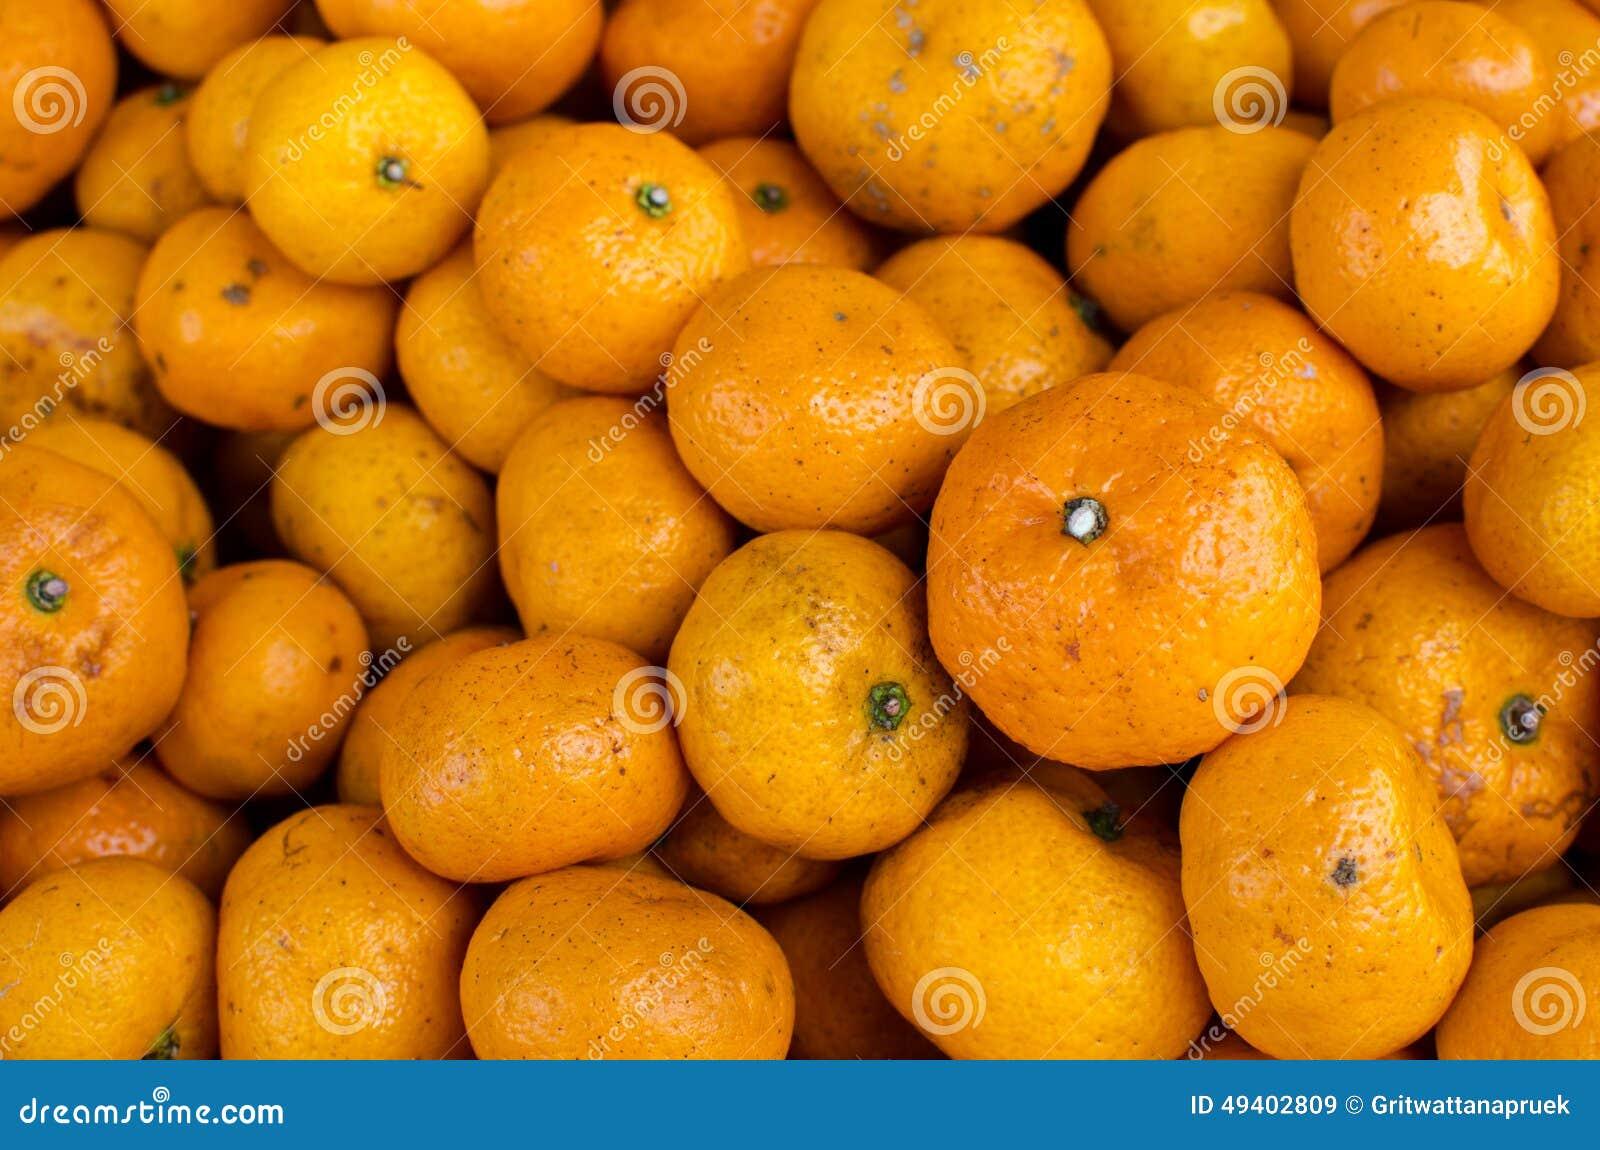 Download Tangerinen stockbild. Bild von botanisch, import, gesund - 49402809